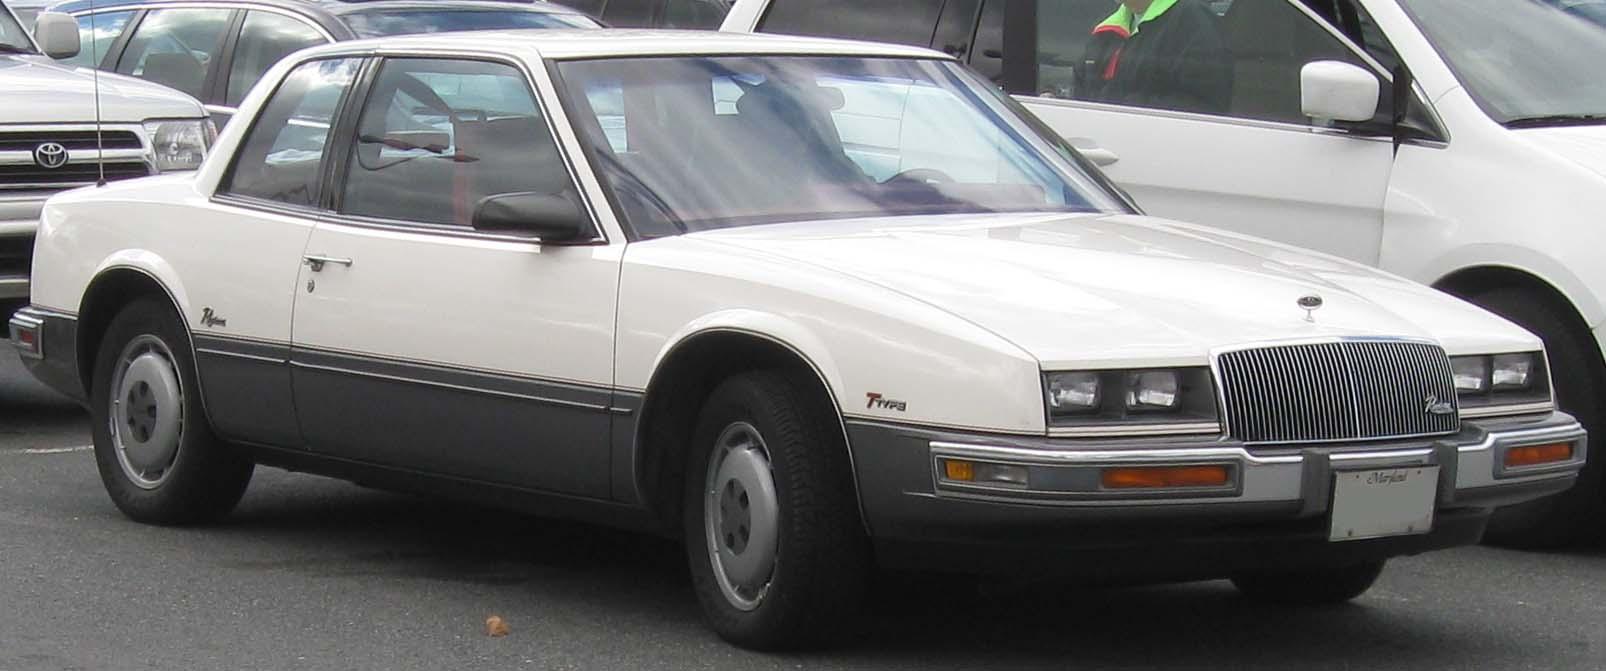 Buick_Riviera_T-Type_--_10-29-2010.jpg